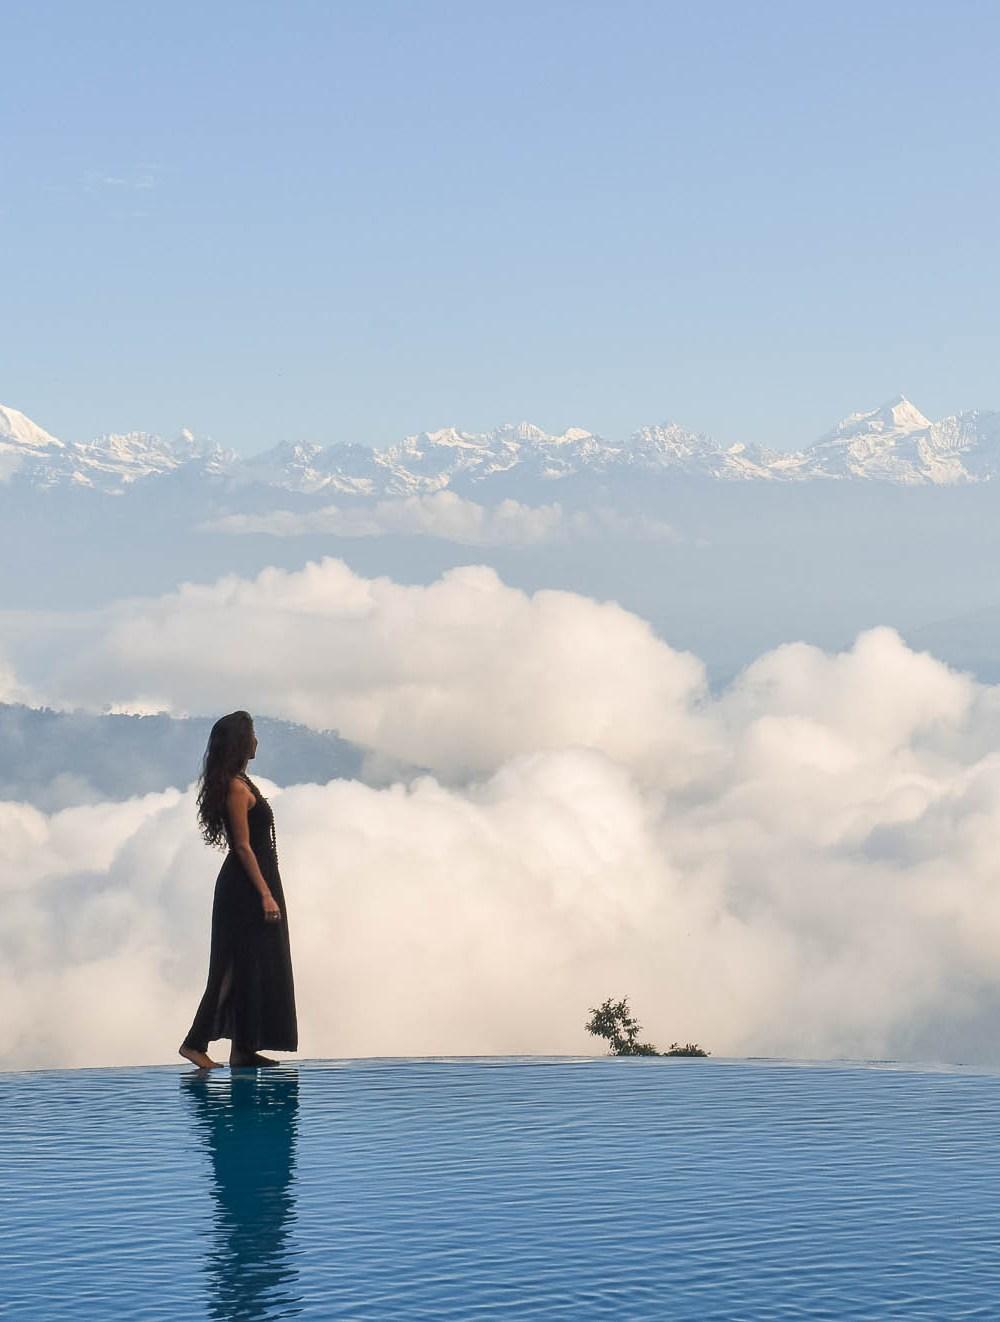 Dwarika Resort em Dhulikel, Nepal